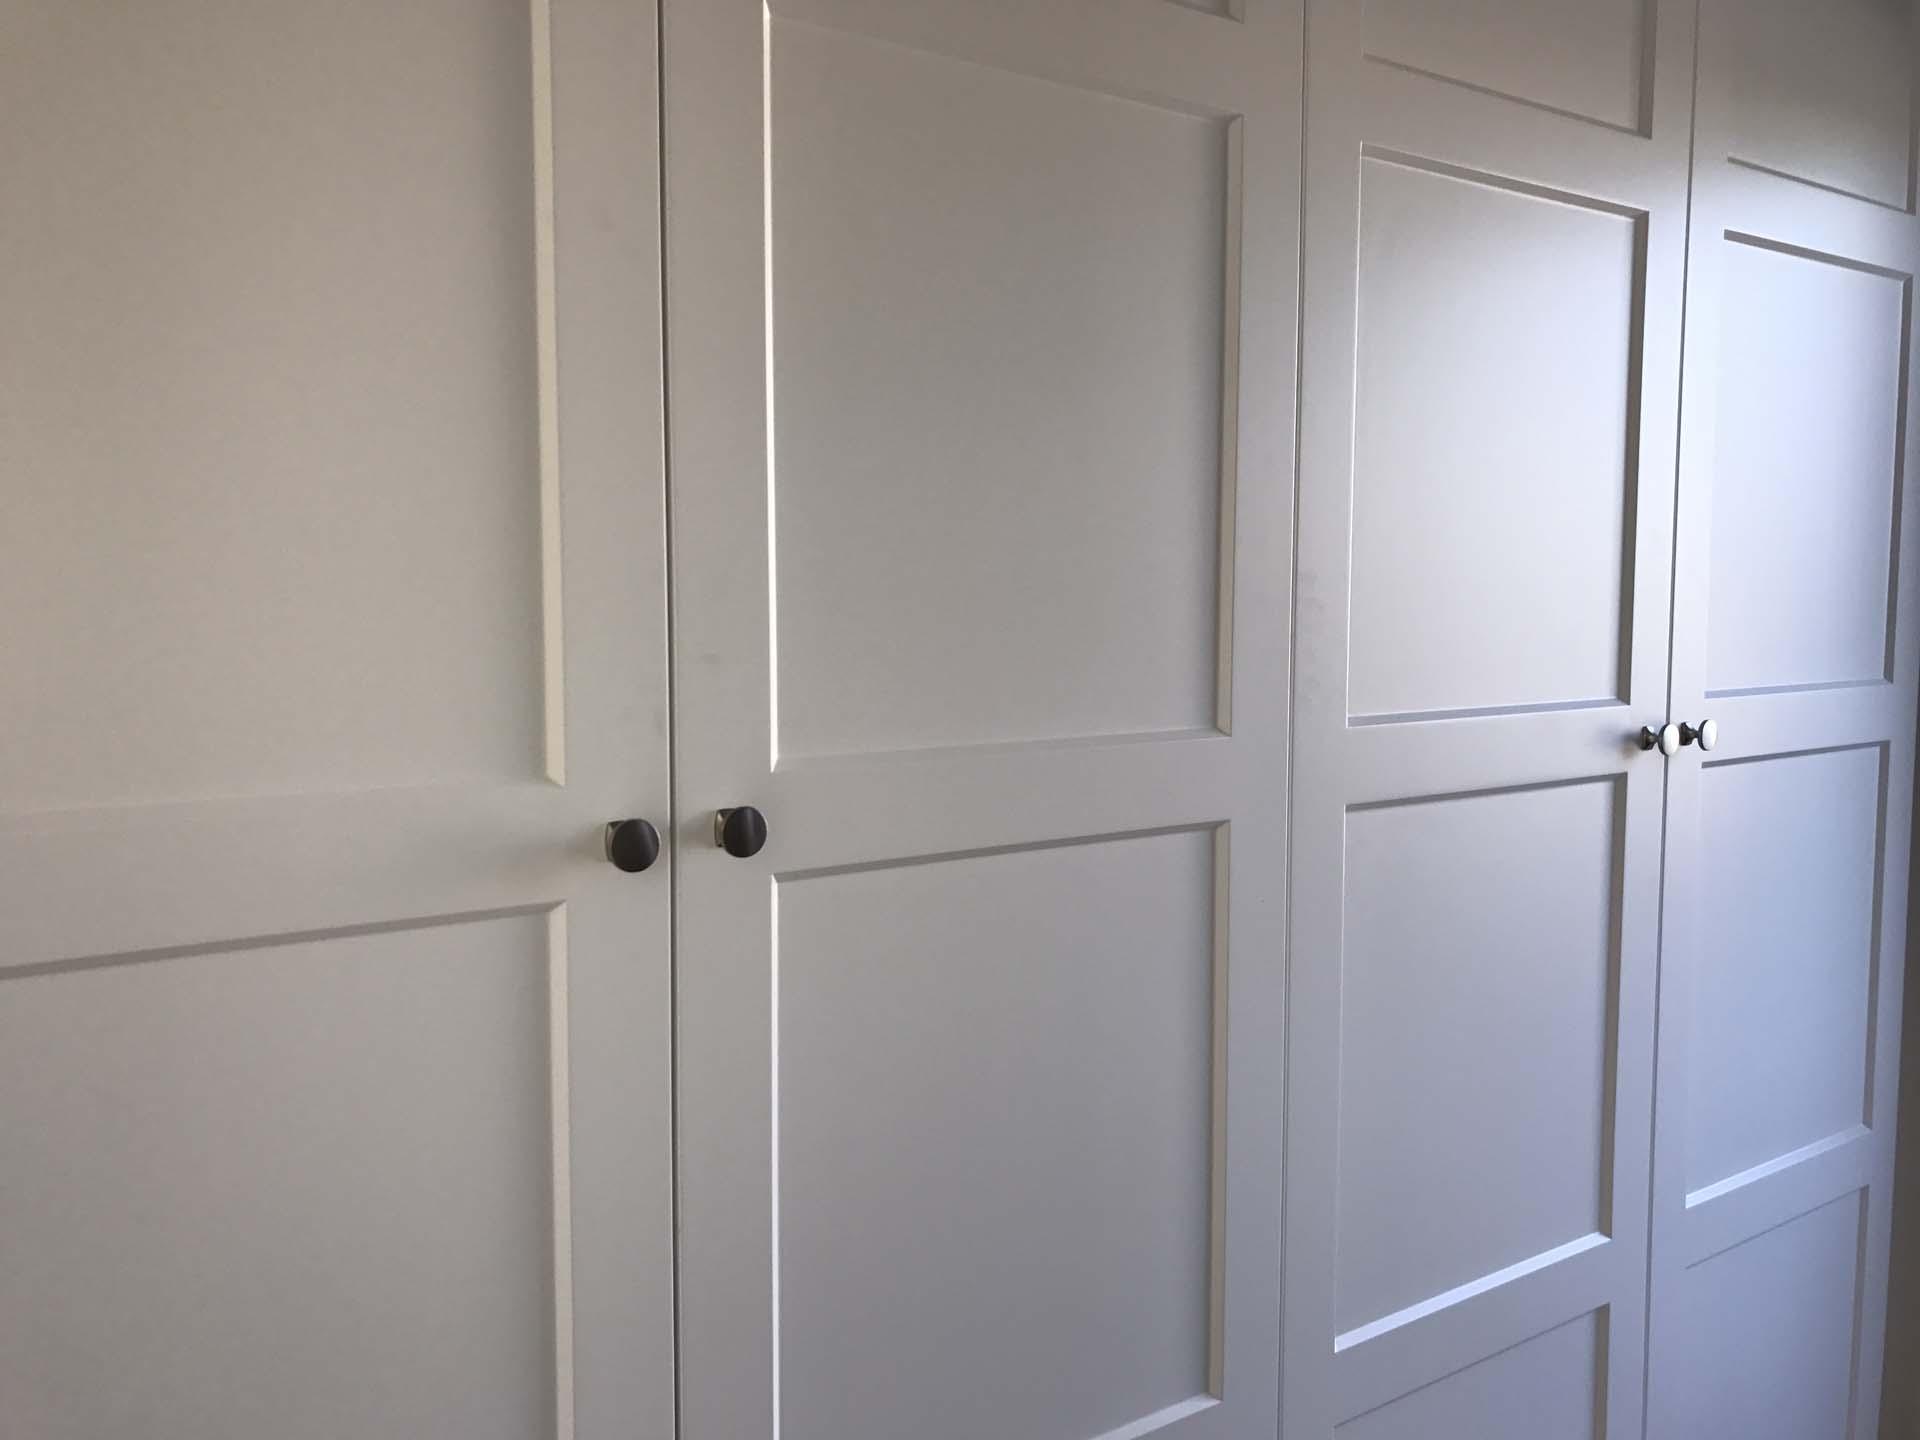 puertas lacadas marco_chaflan